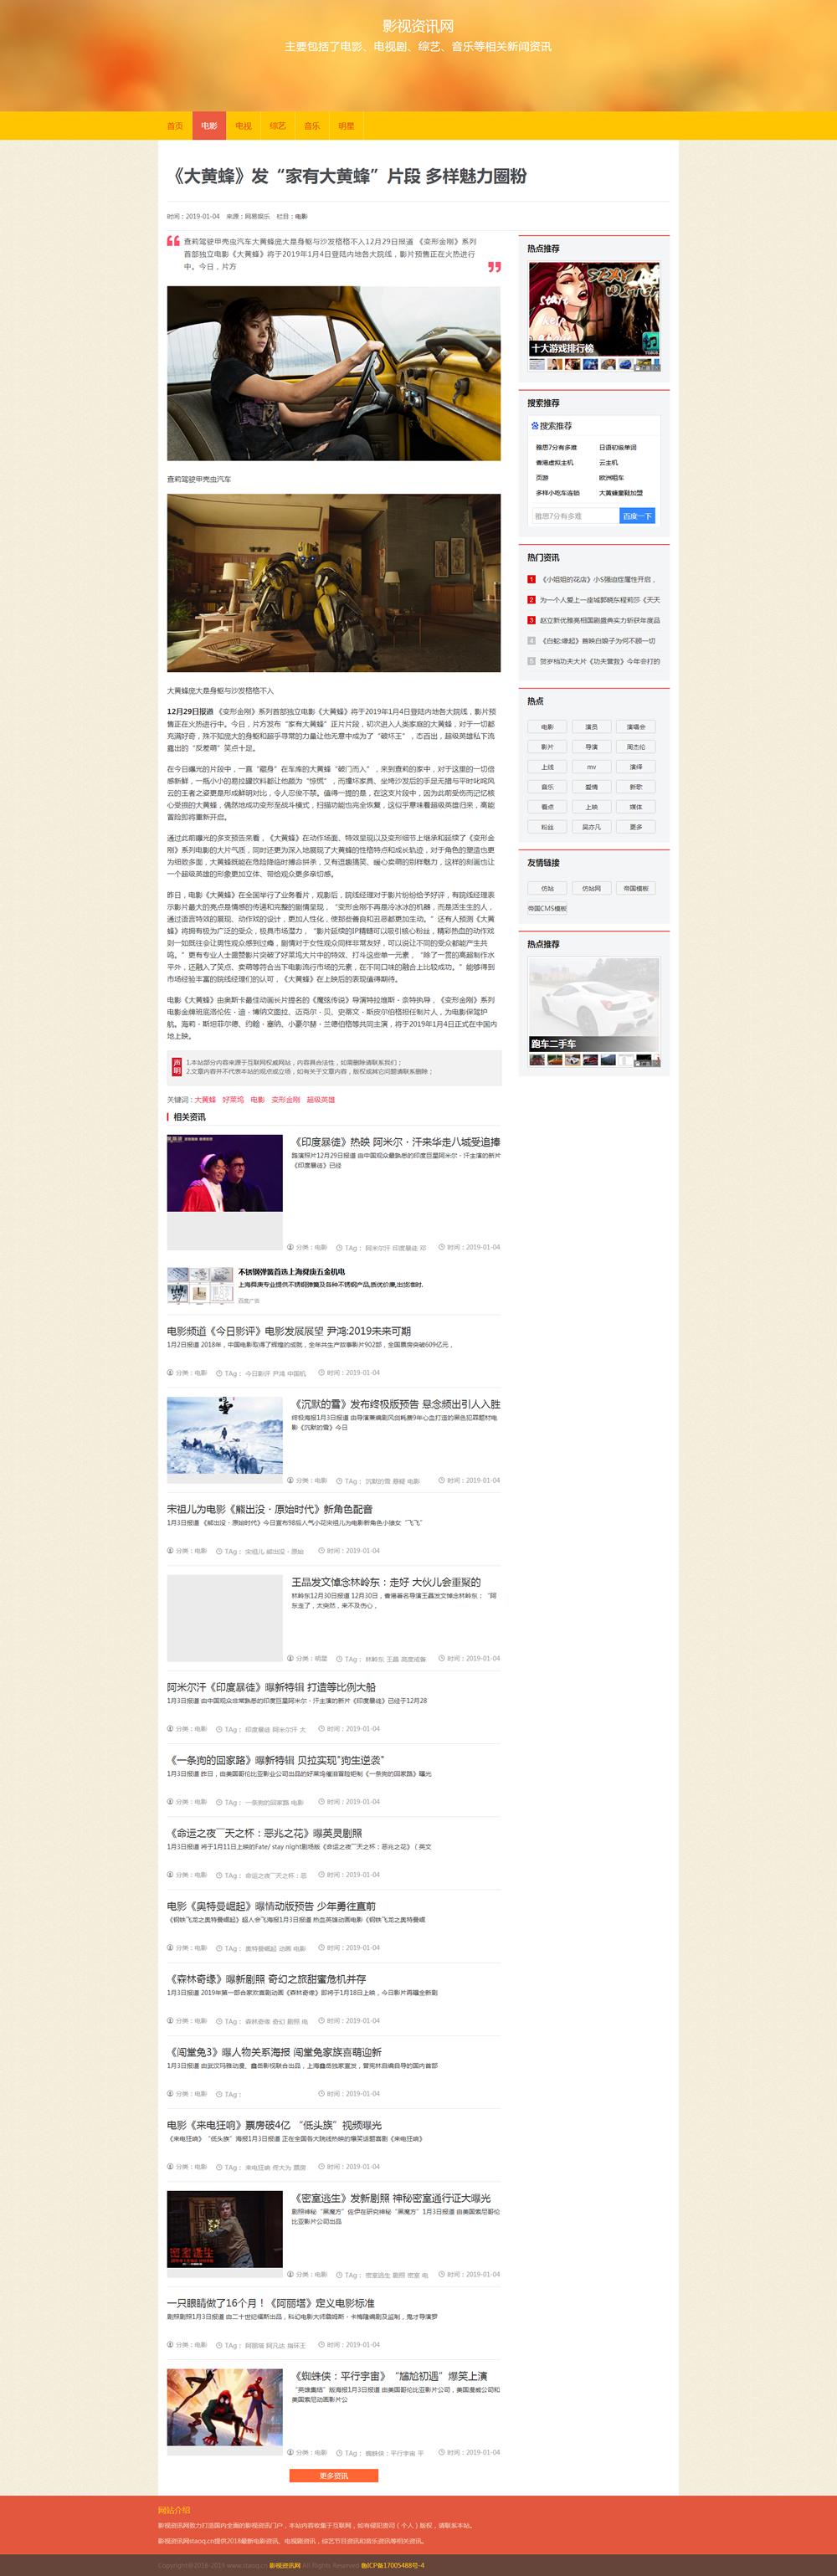 帝国cms橙色自适应响应式mip网站模板_内容页模板